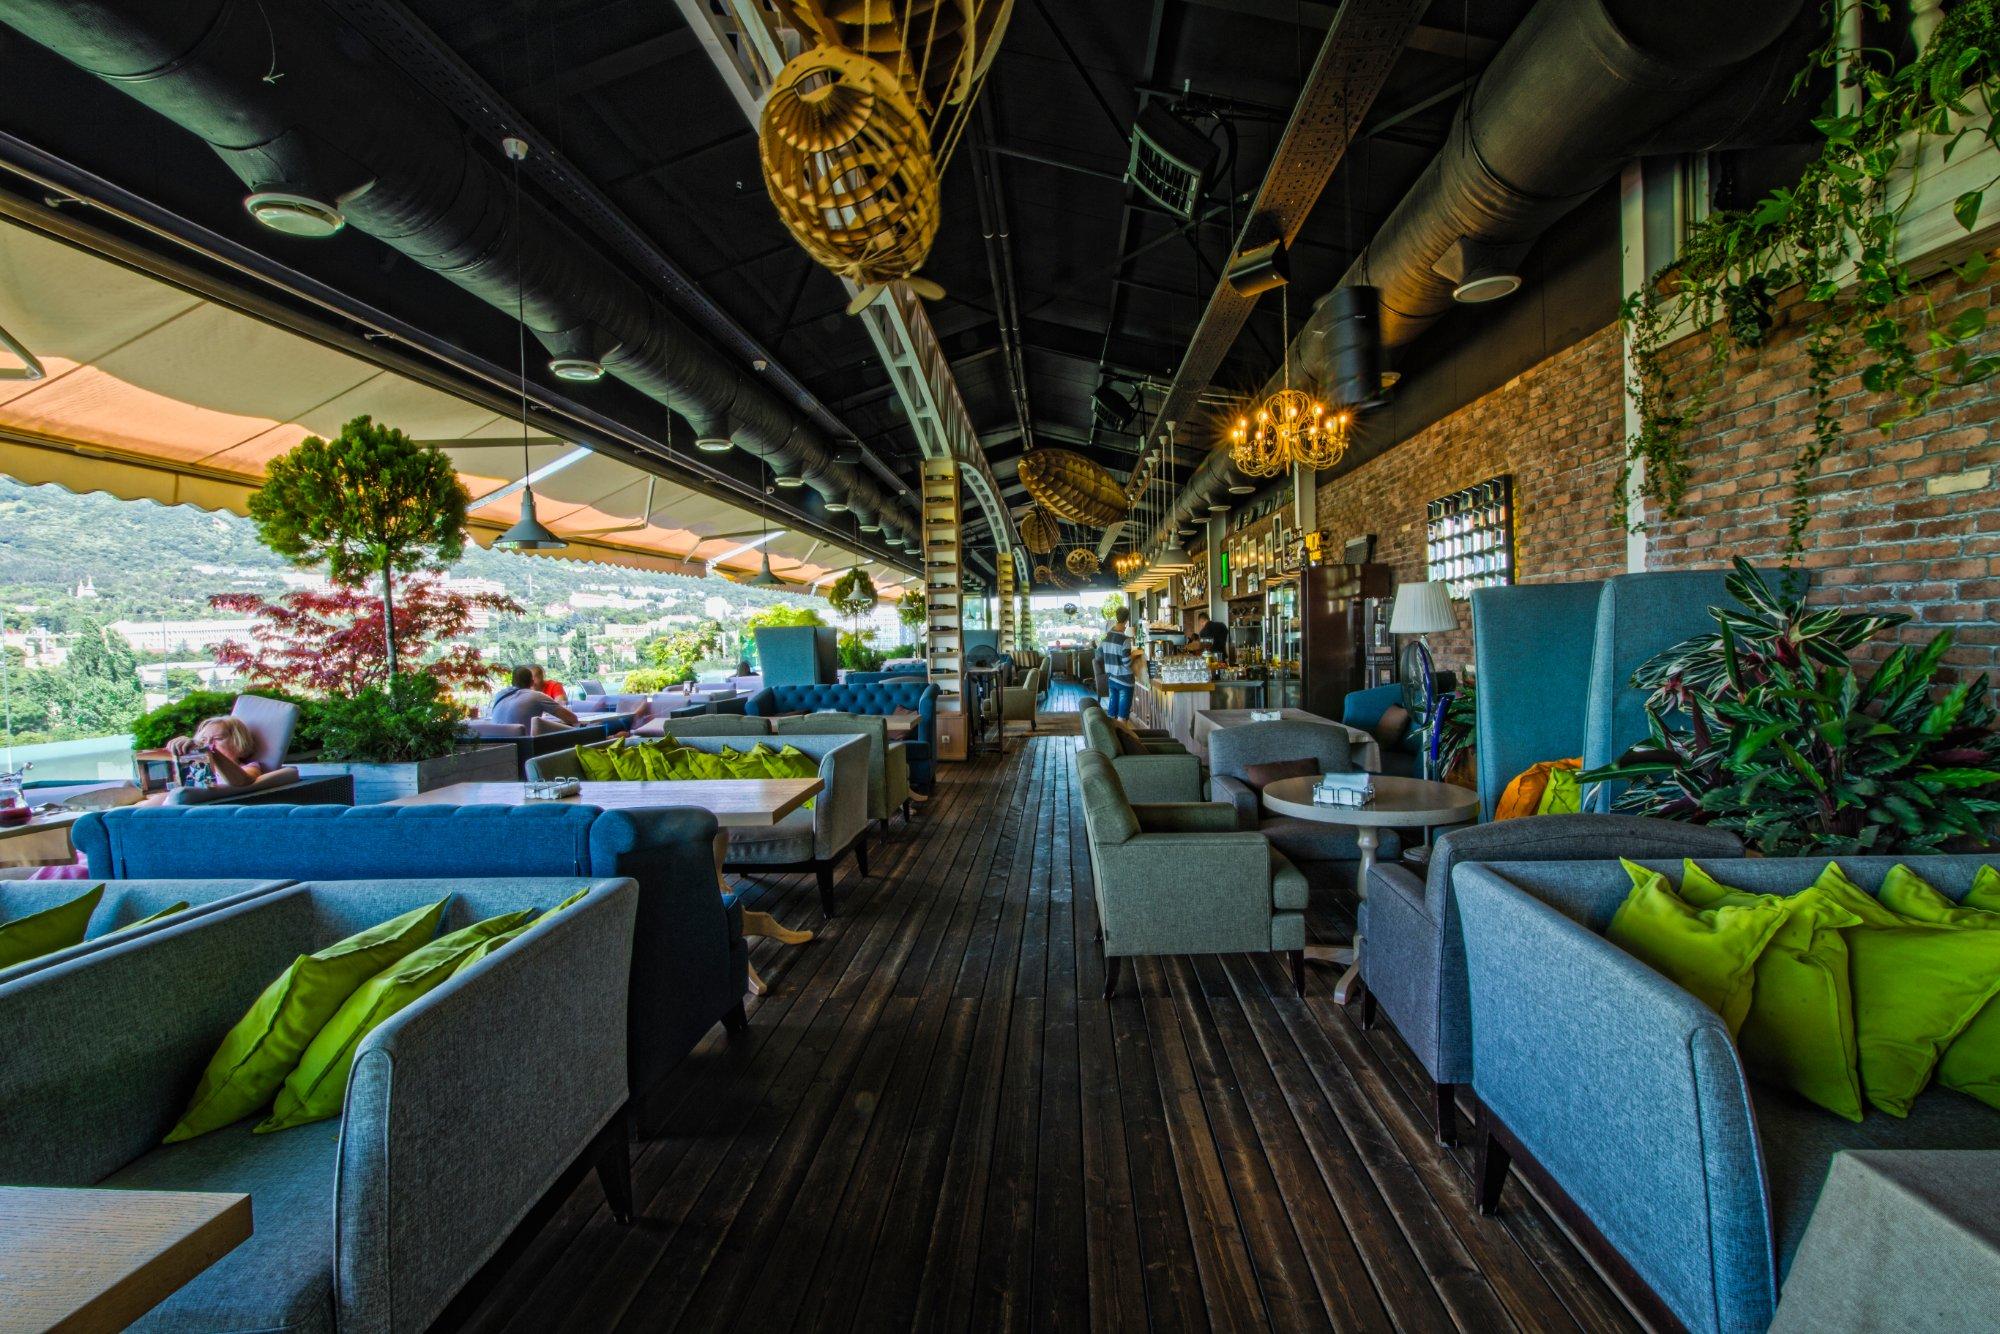 Большой балкон, пятигорск - 107 фото ресторана - tripadvisor.